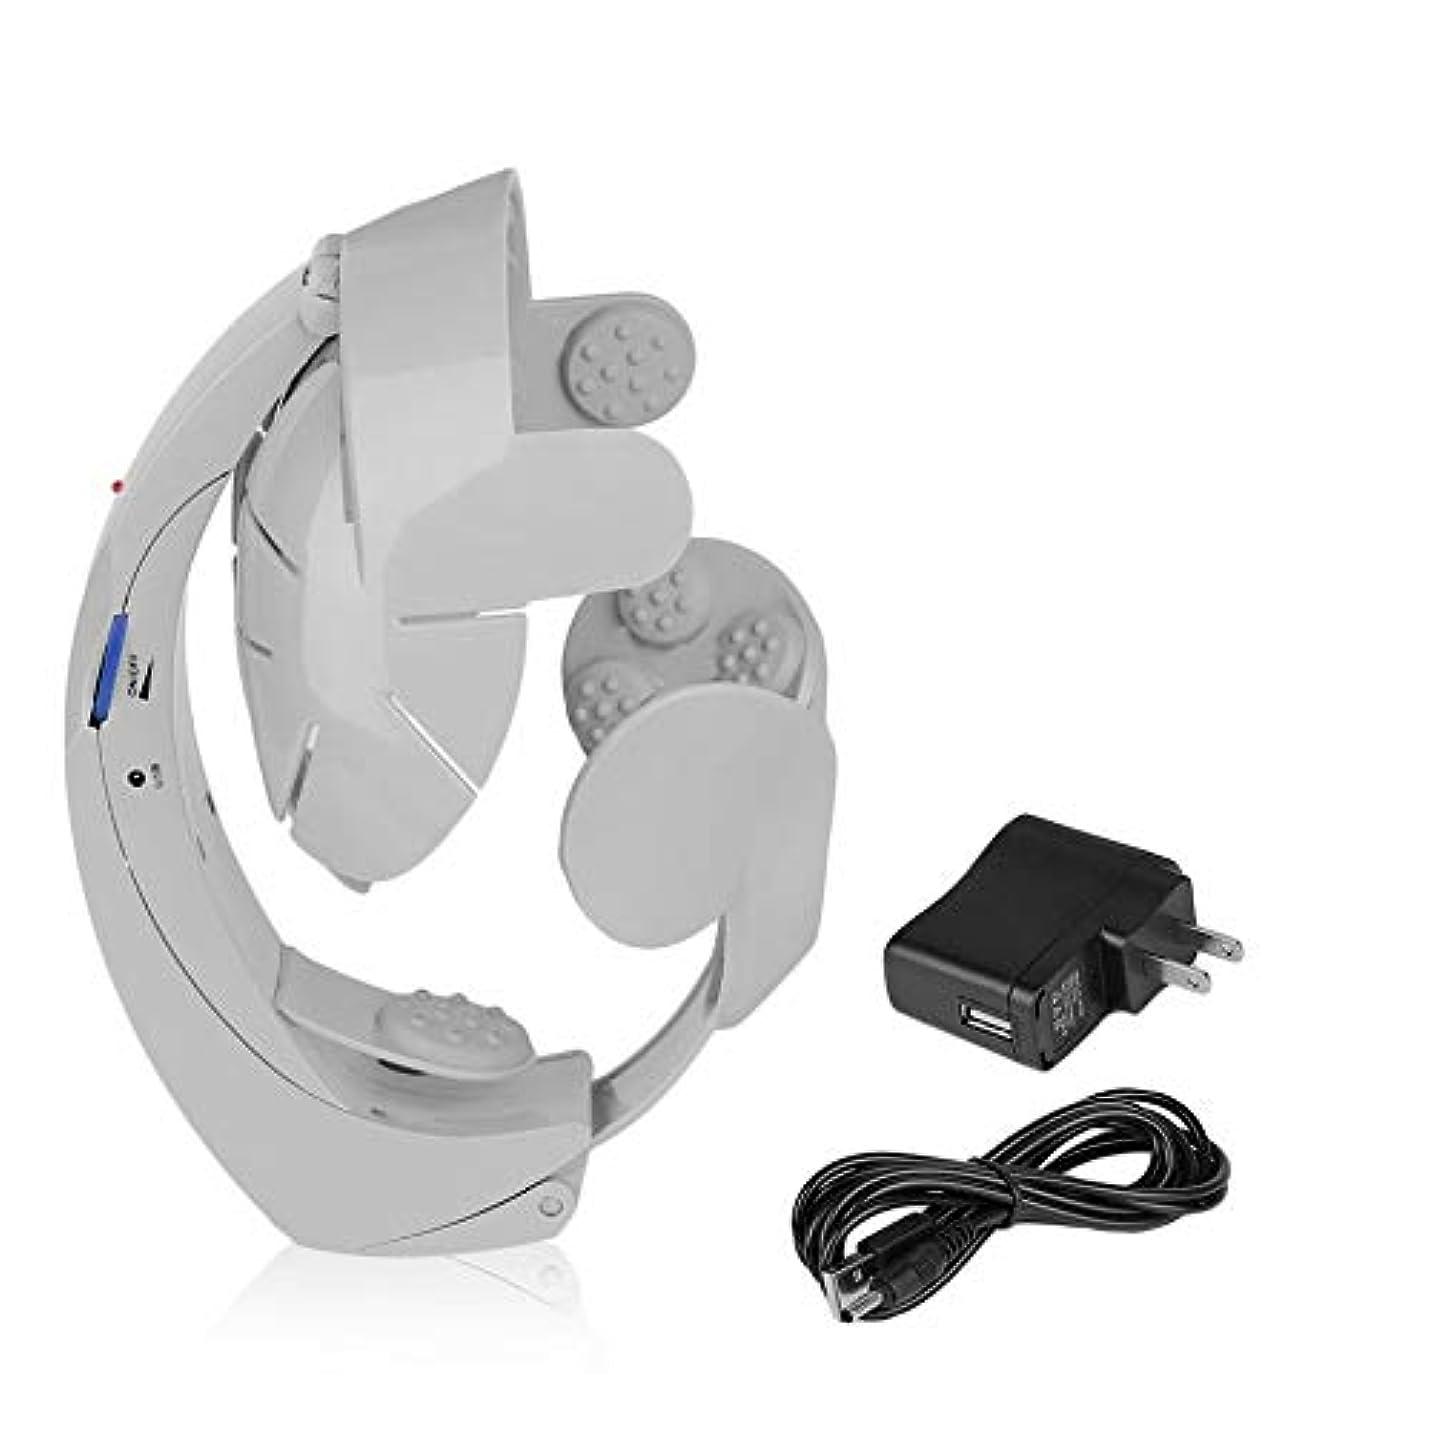 人形外出侵略電気ヘッドマッサージャーの脳のマッサージは刺鍼術ポイント灰色の方法を緩めます-Innovationo